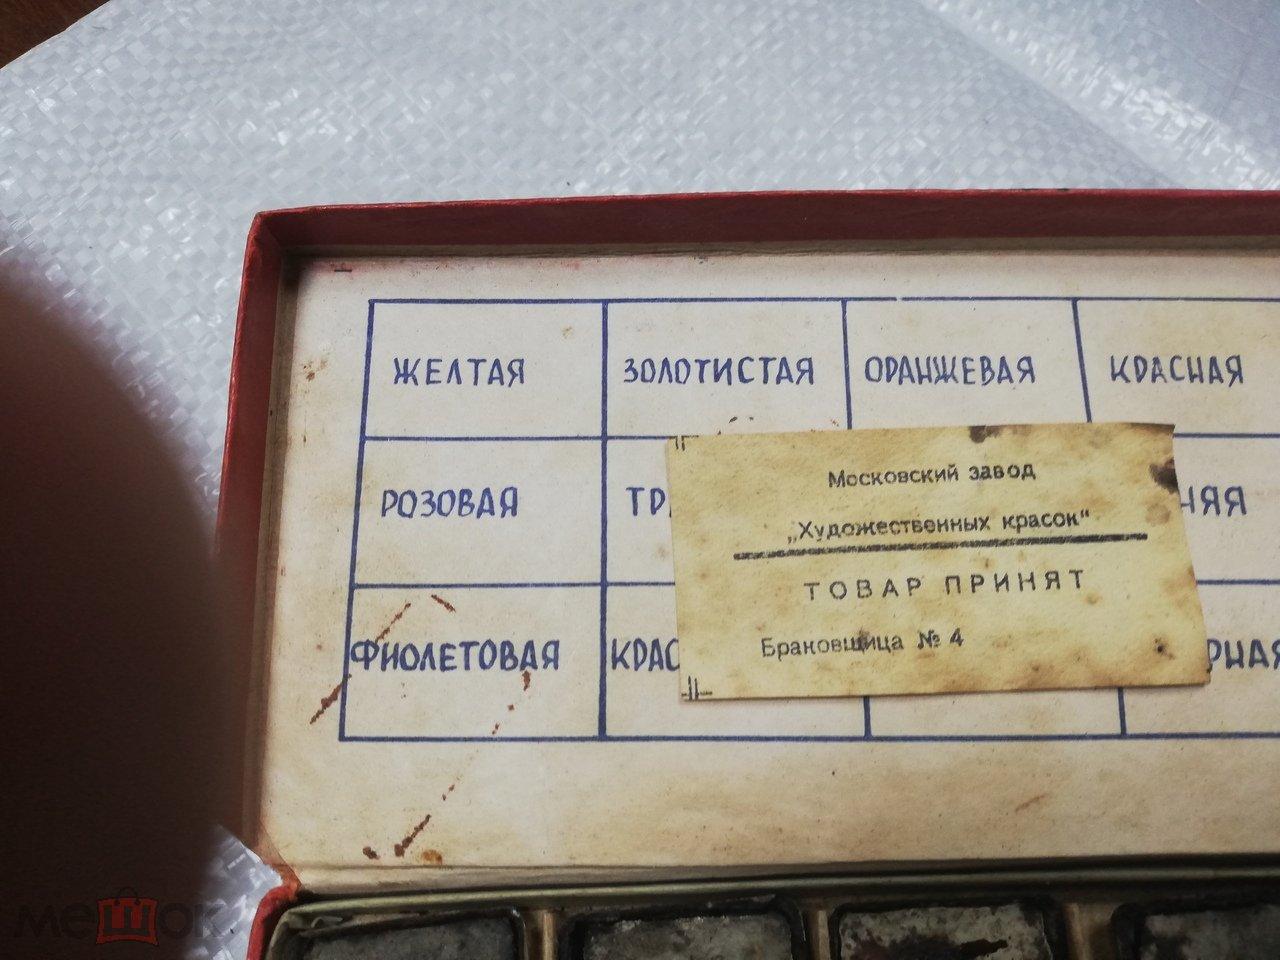 КРАСКИ АКВАРЕЛЬ ХУДОЖЕСТВЕННАЯ НАБОР 12 ЦВЕТОВ 60-е  г.г.  СССР РЕДКИЙ